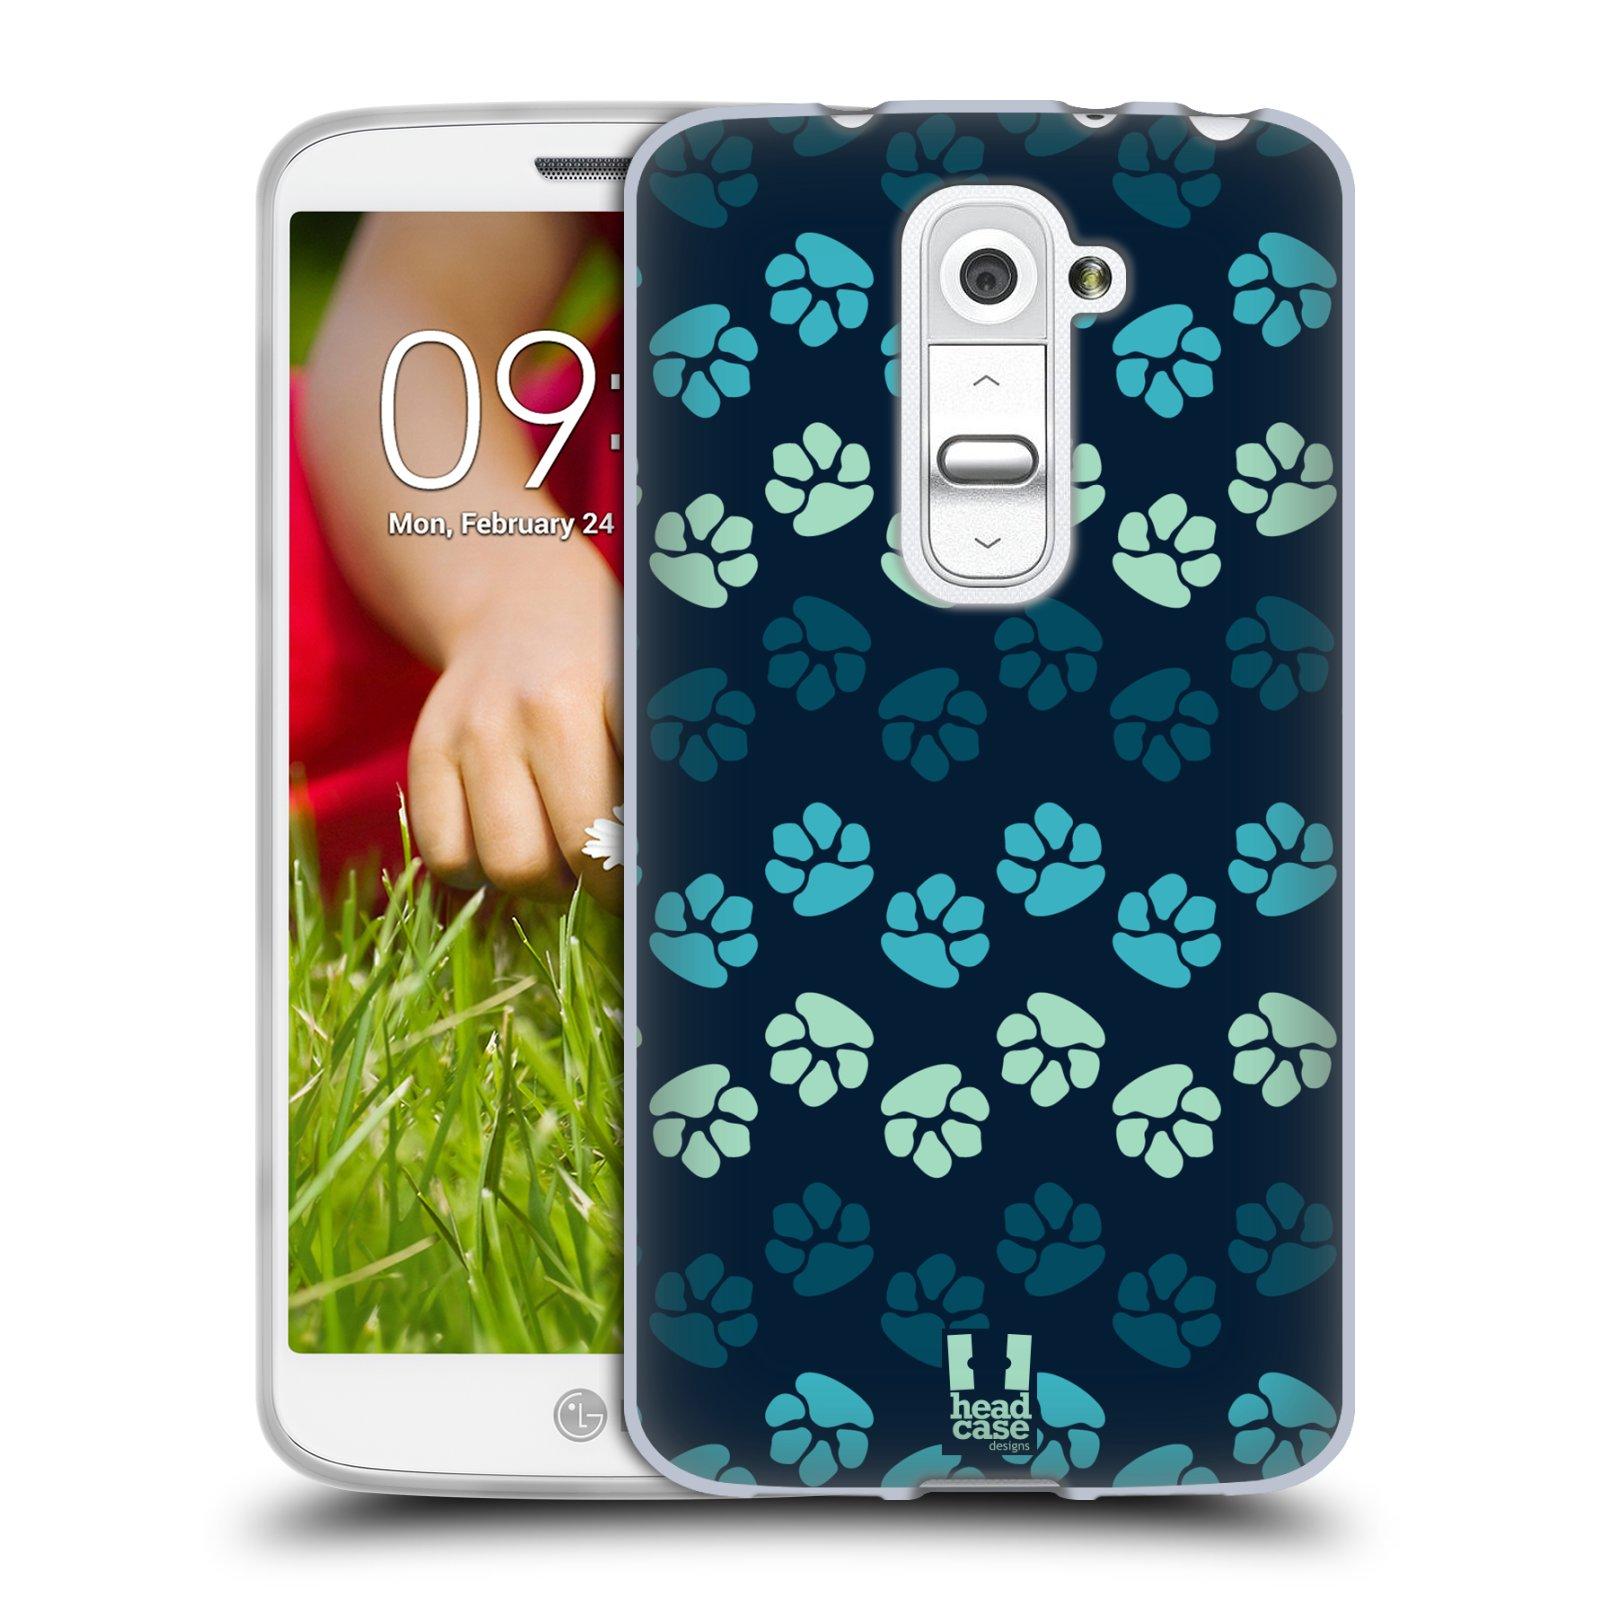 Silikonové pouzdro na mobil LG G2 Mini HEAD CASE TLAPKY MODRÉ (Silikonový kryt či obal na mobilní telefon LG G2 Mini D620)